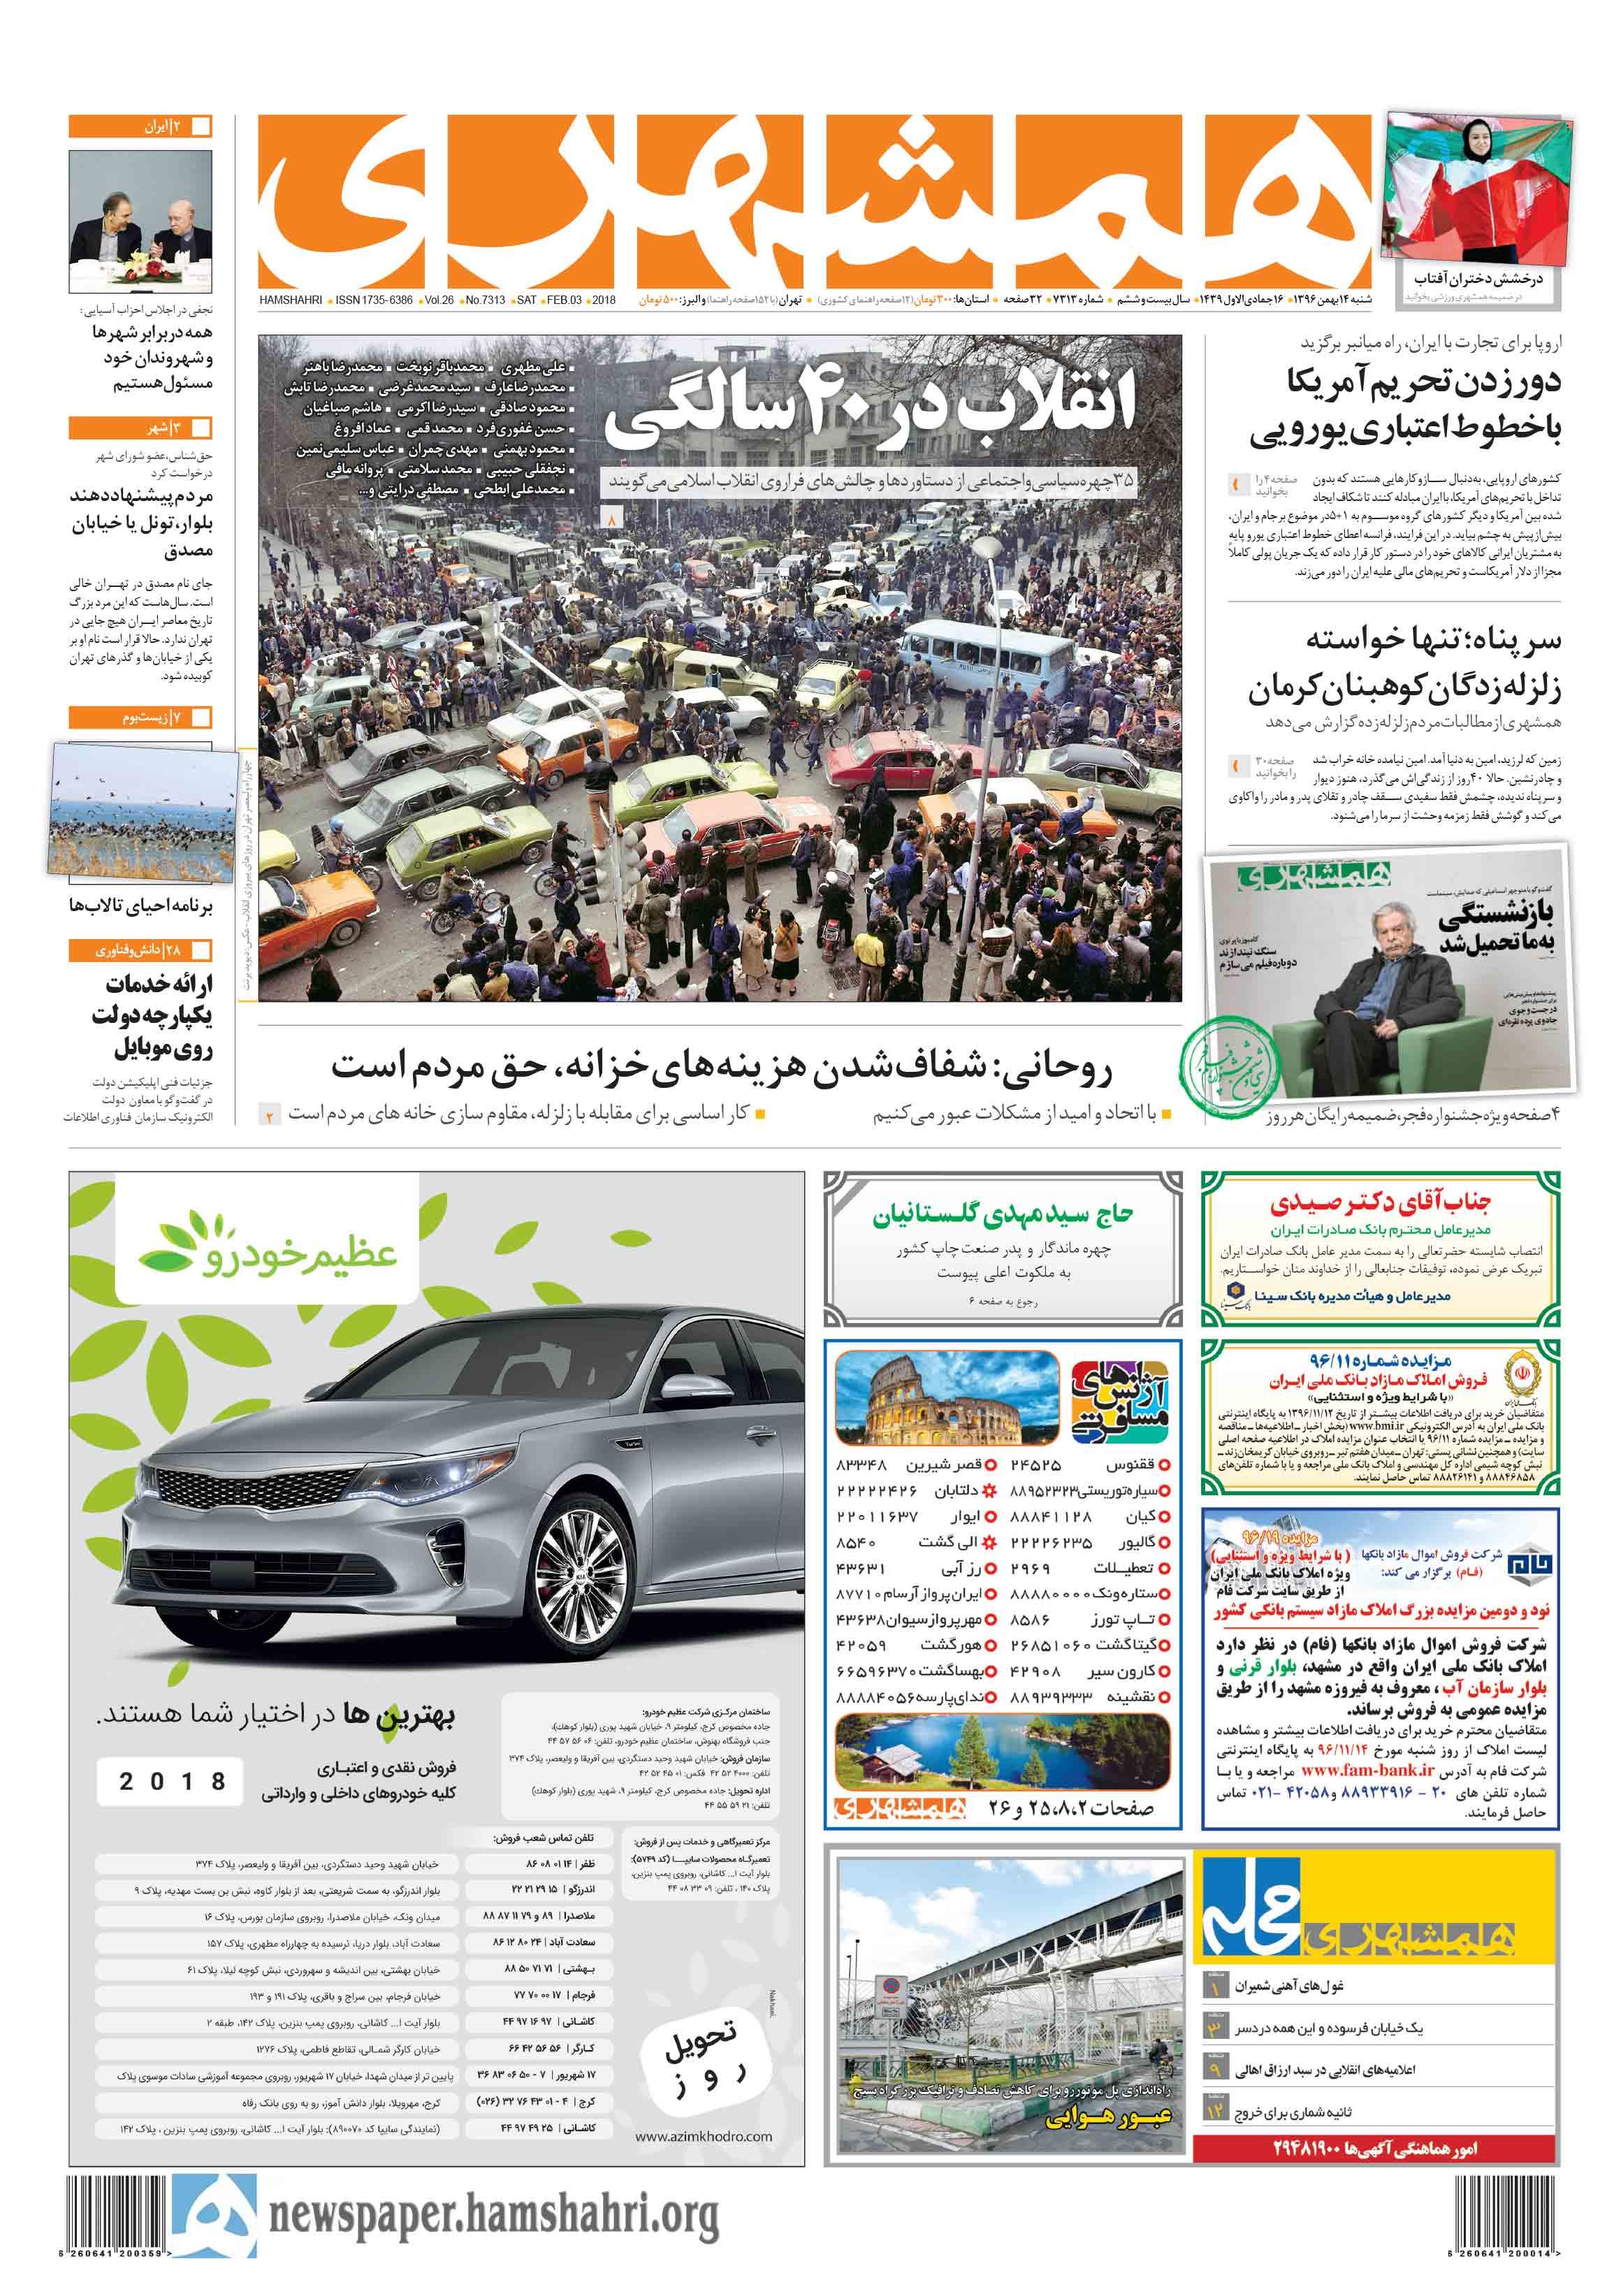 صفحه اول شنبه 14 بهمنماه 1396